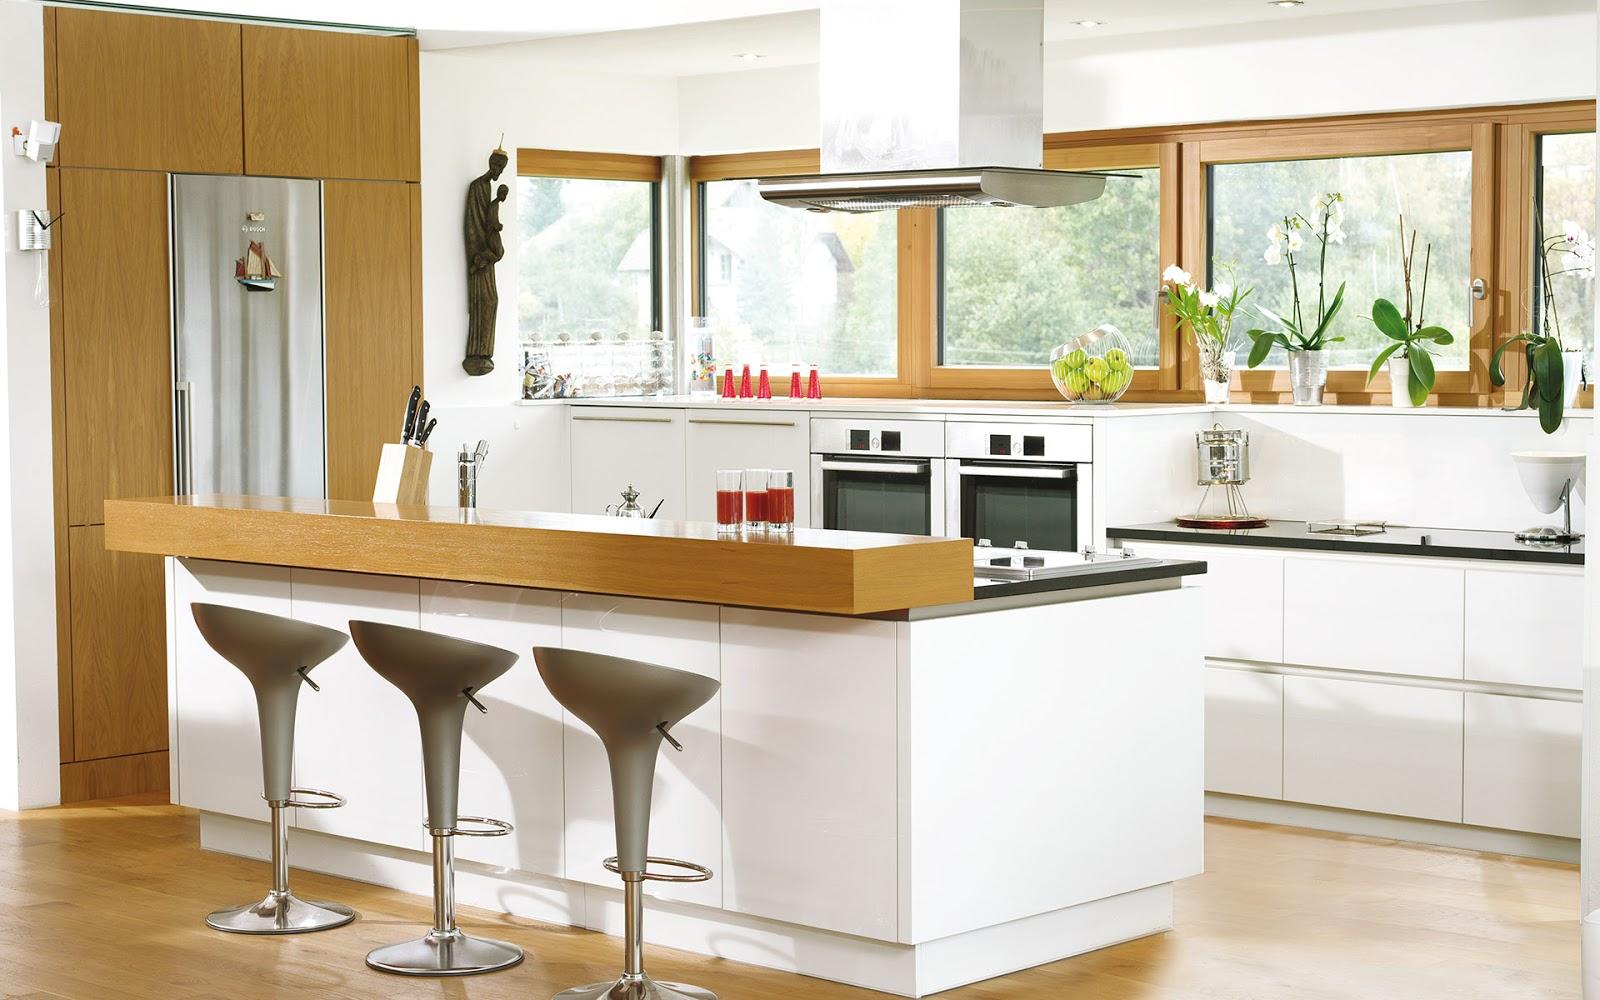 30 ideas de mesas y barras para comer en la cocina Barra cocina madera